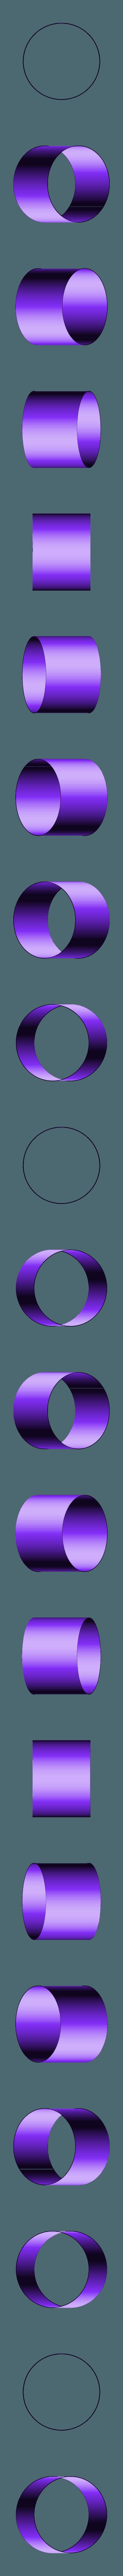 mid_part.stl Télécharger fichier STL gratuit Lampe de projecteur RGB • Design imprimable en 3D, Job